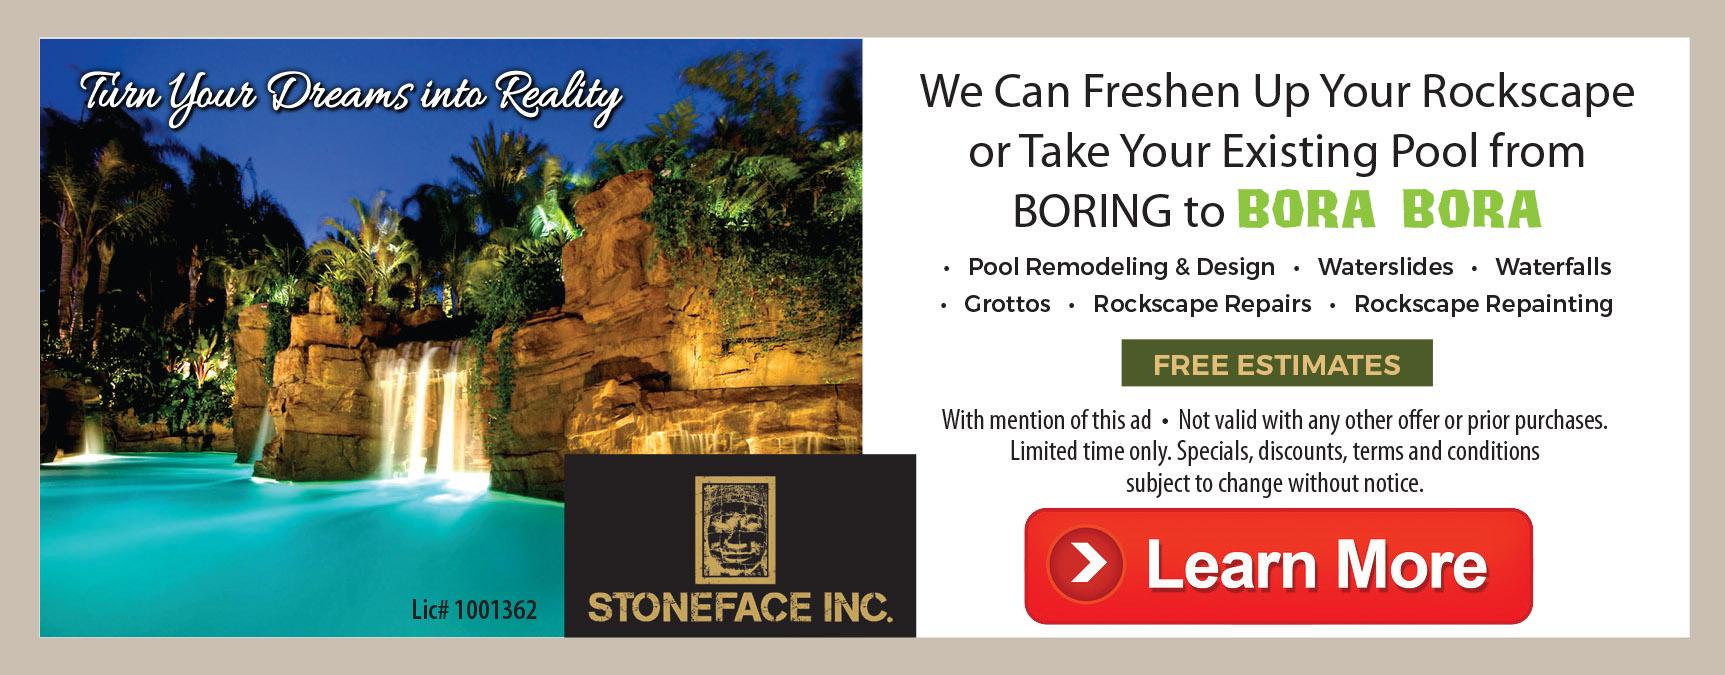 StoneFace_Offer_Reg_05-18.jpg